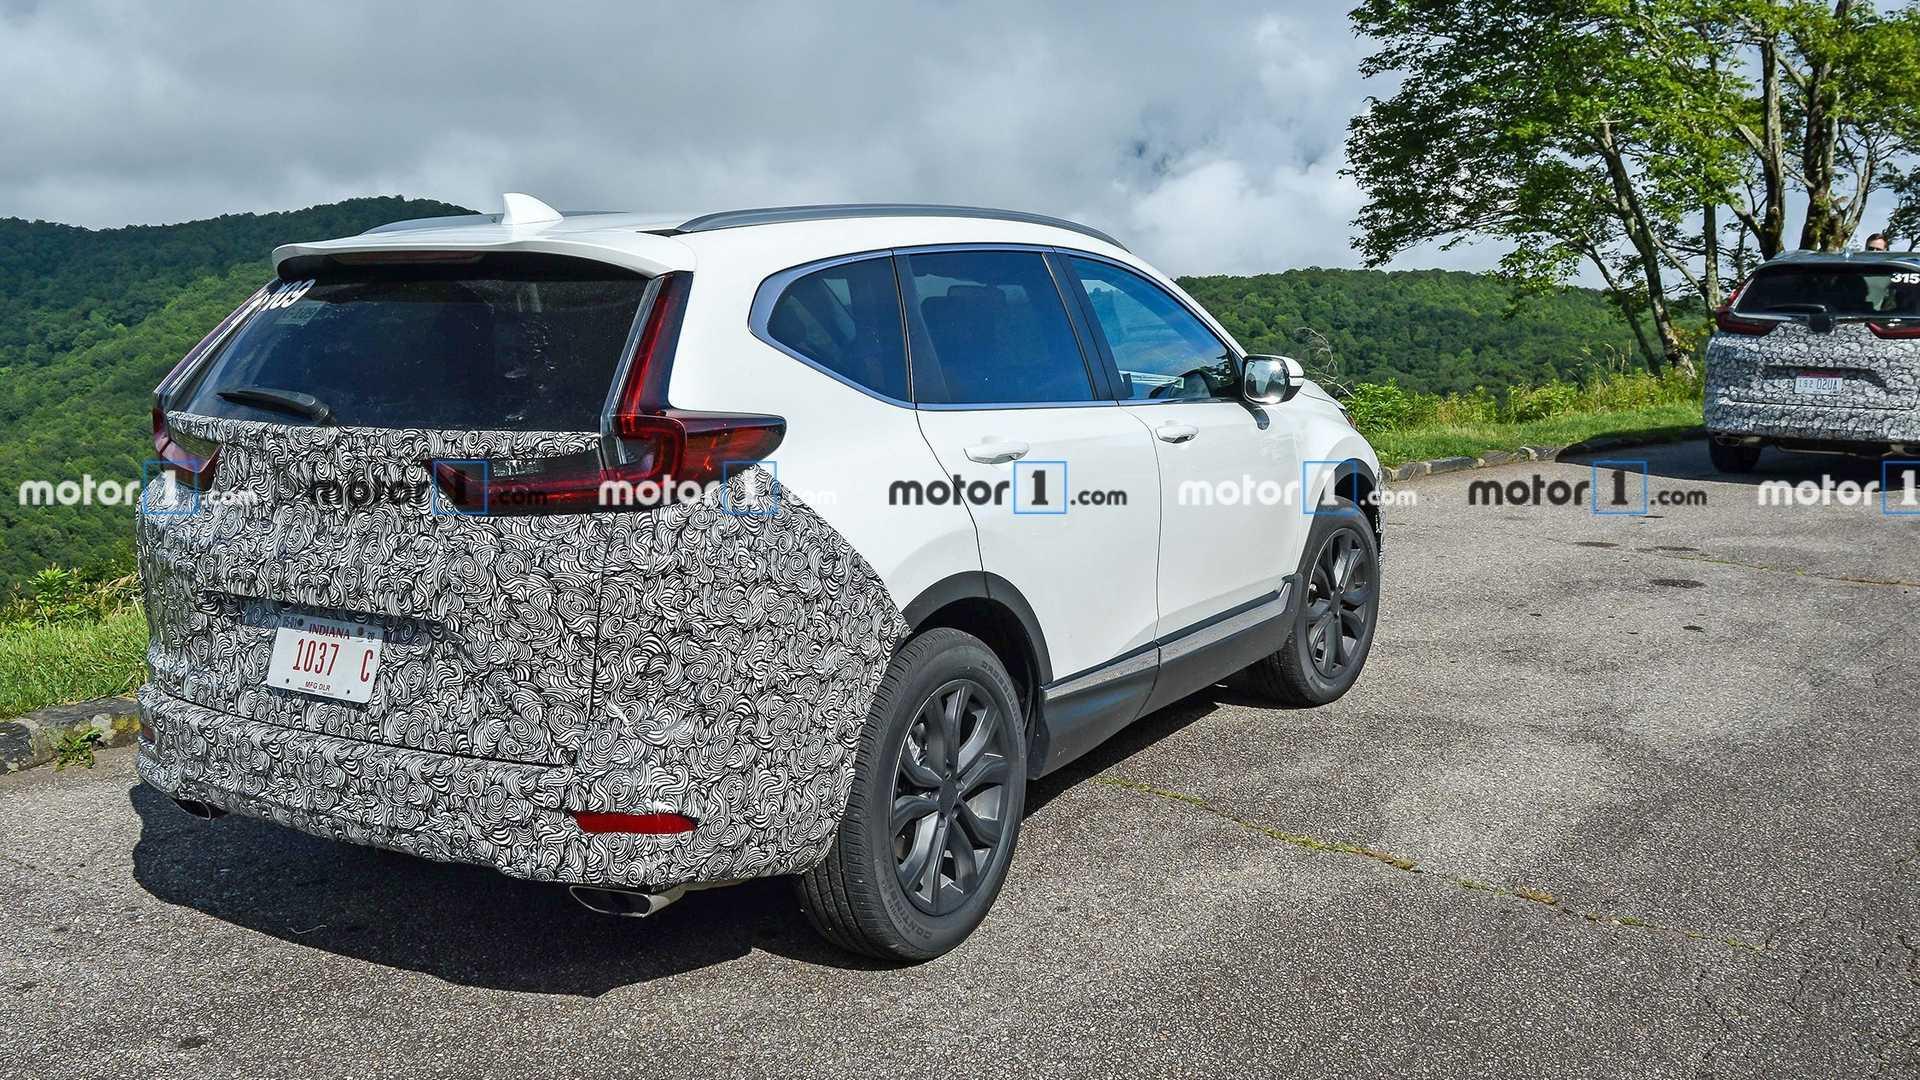 Honda CR-V 2020 phiên bản nâng cấp facelift bị bắt gặp chạy thử tại Mỹ - 2